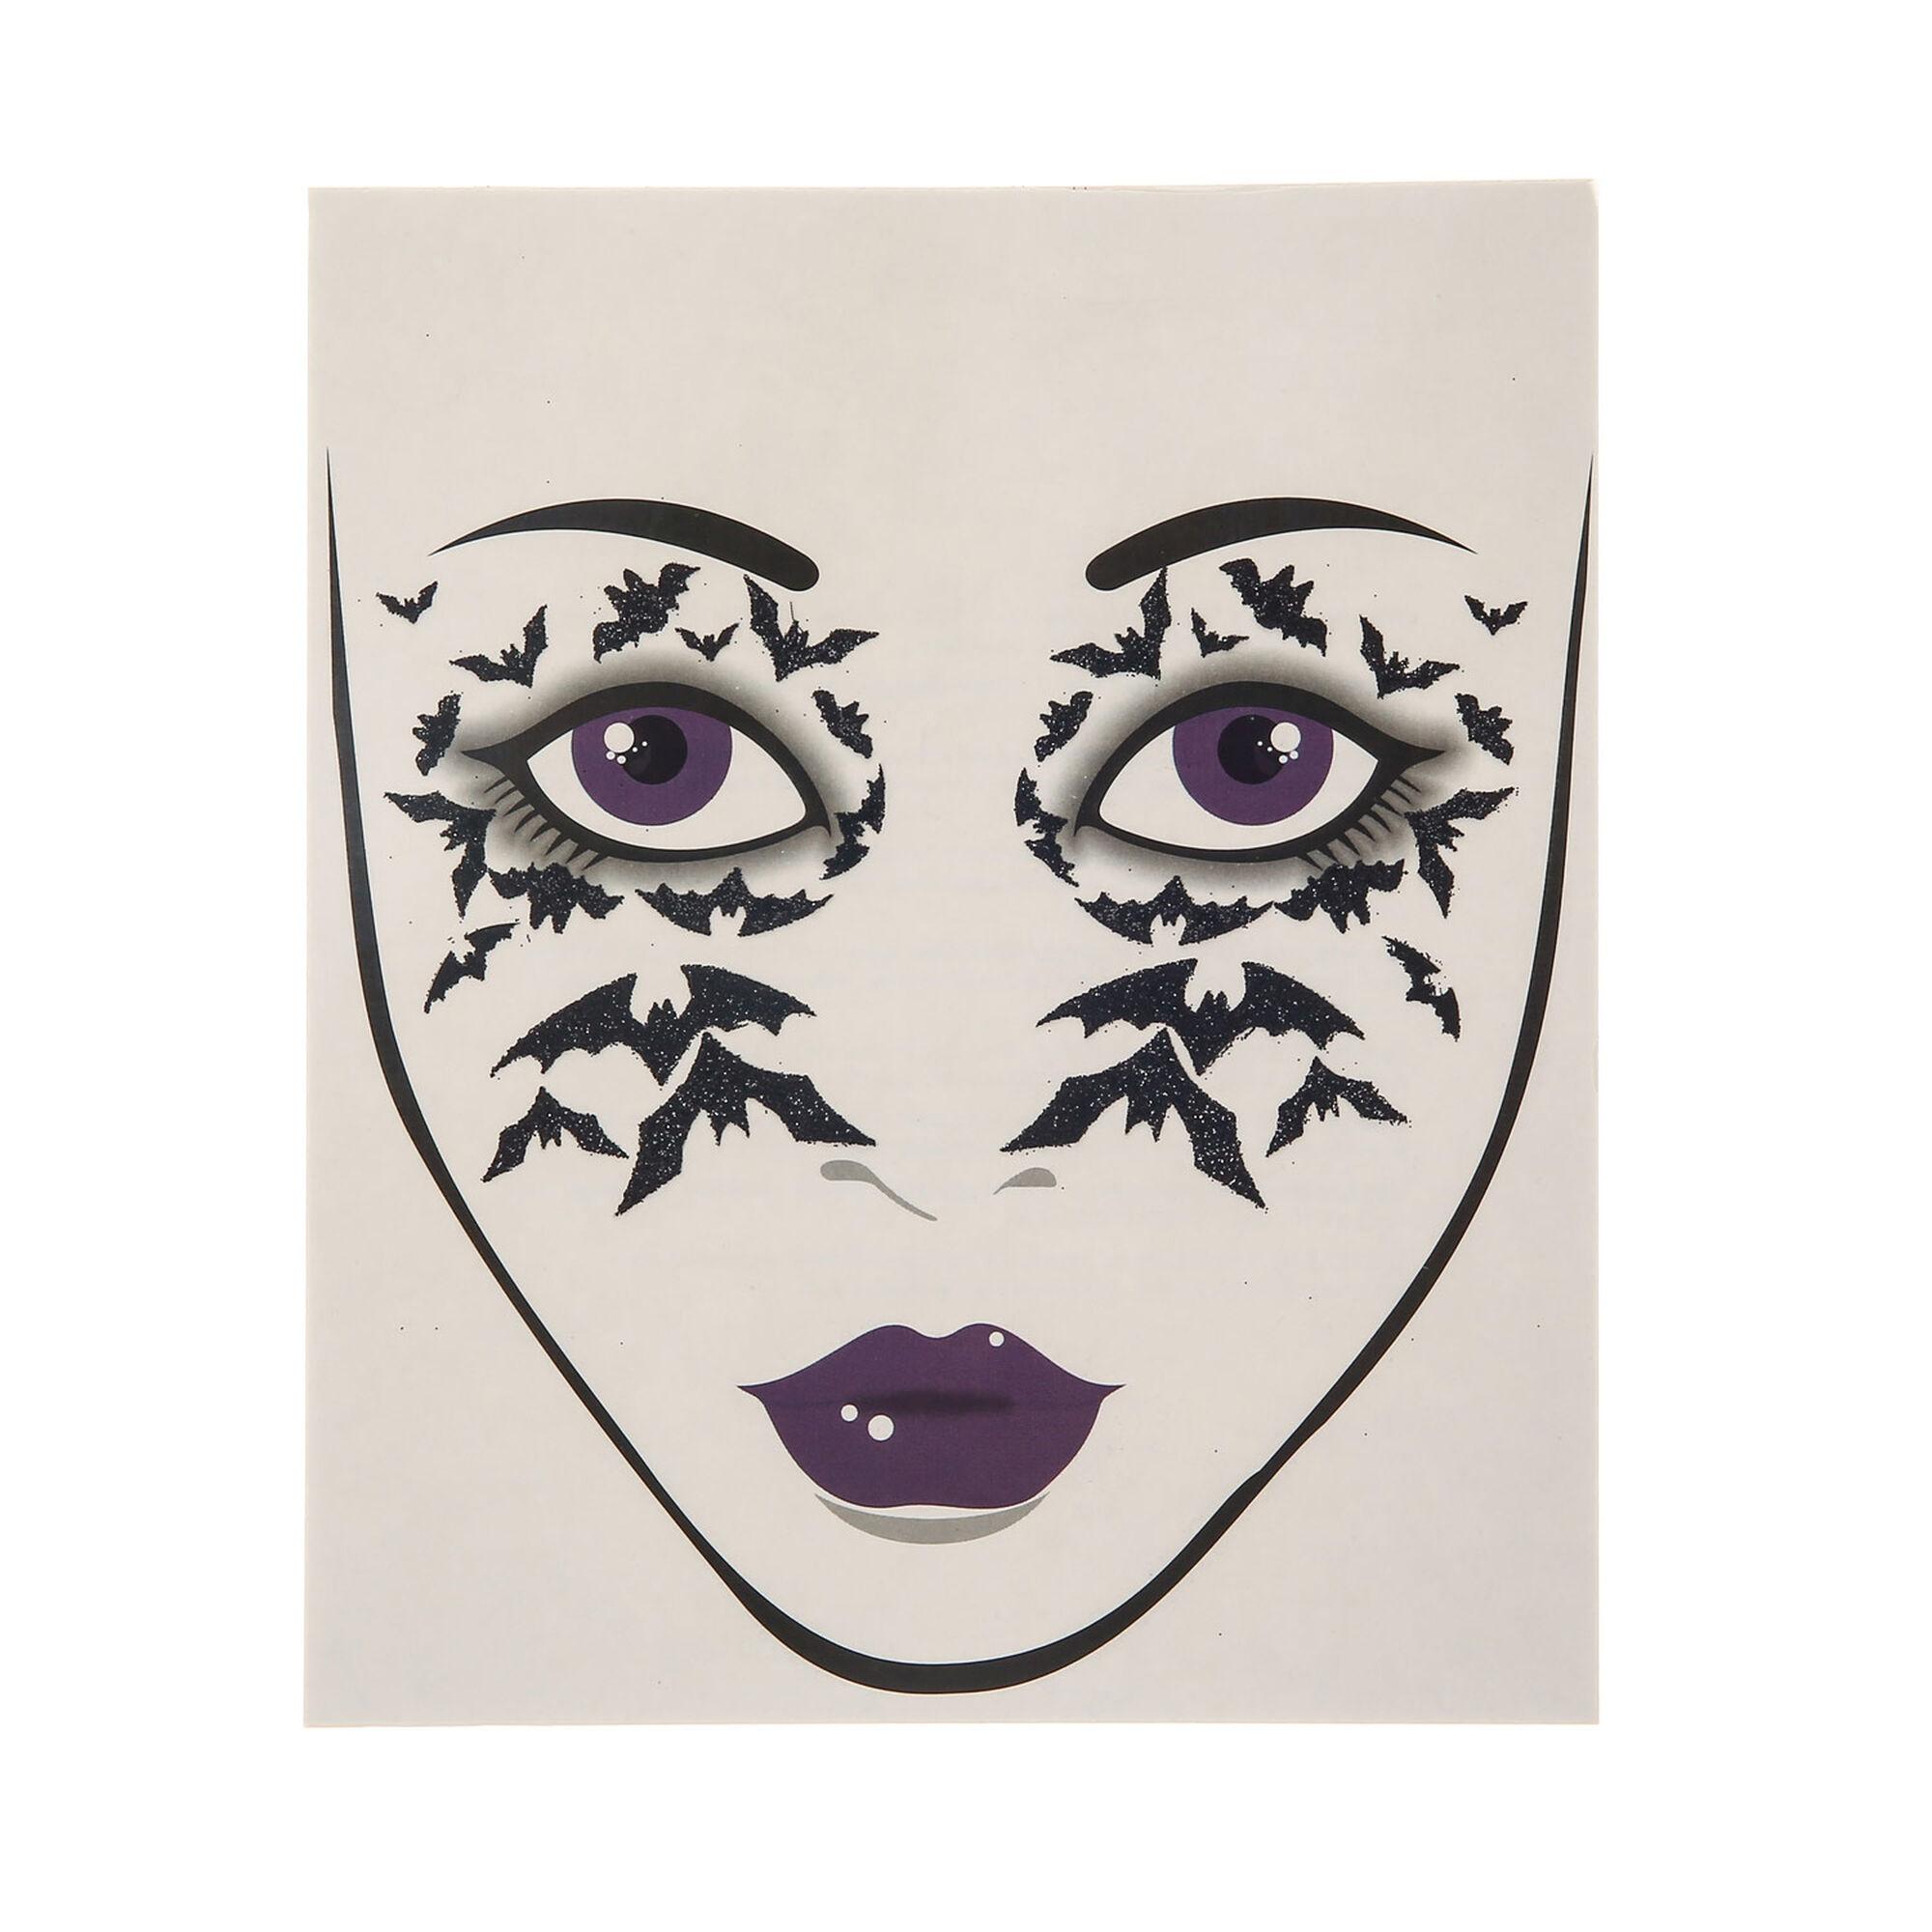 Tatouages de visage toile d 39 araign e claire 39 s fr - Maquillage toile d araignee visage ...